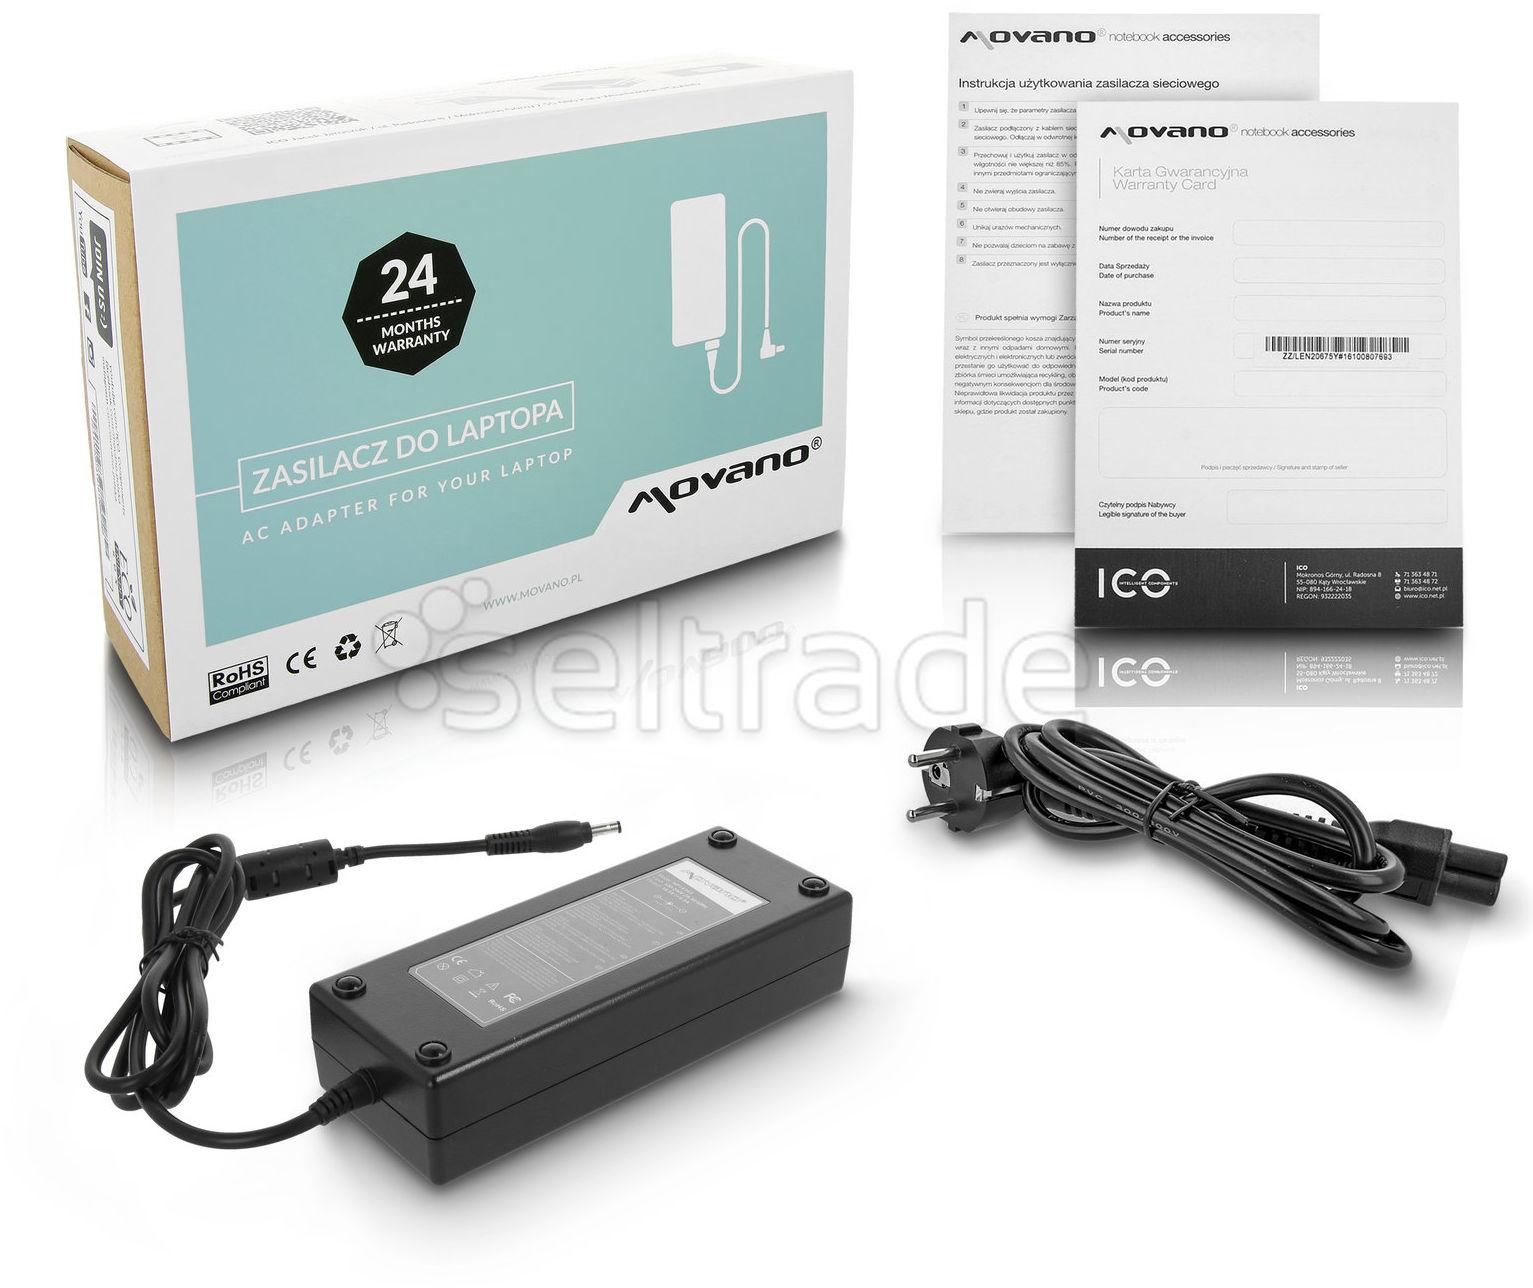 Zasilacz HP Compaq 316688 PPP017 zd7000 zd7010 18.5V 6.5A